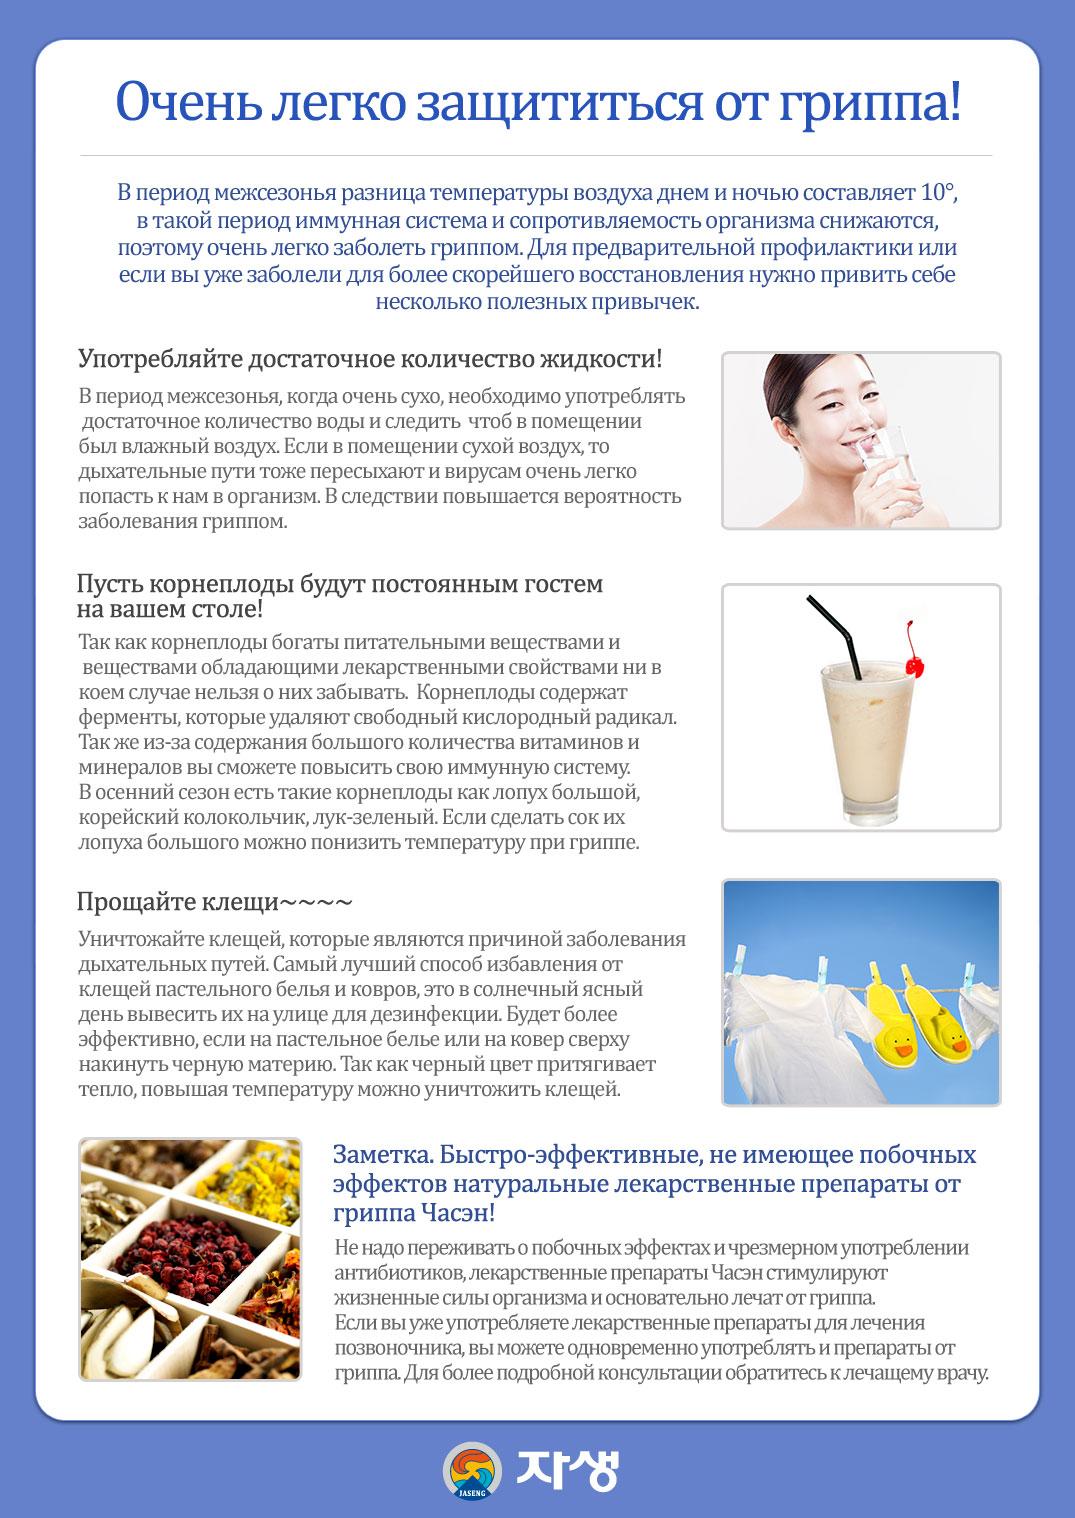 Очень легко защититься от гриппа! | Центр корейской медицины Часэн